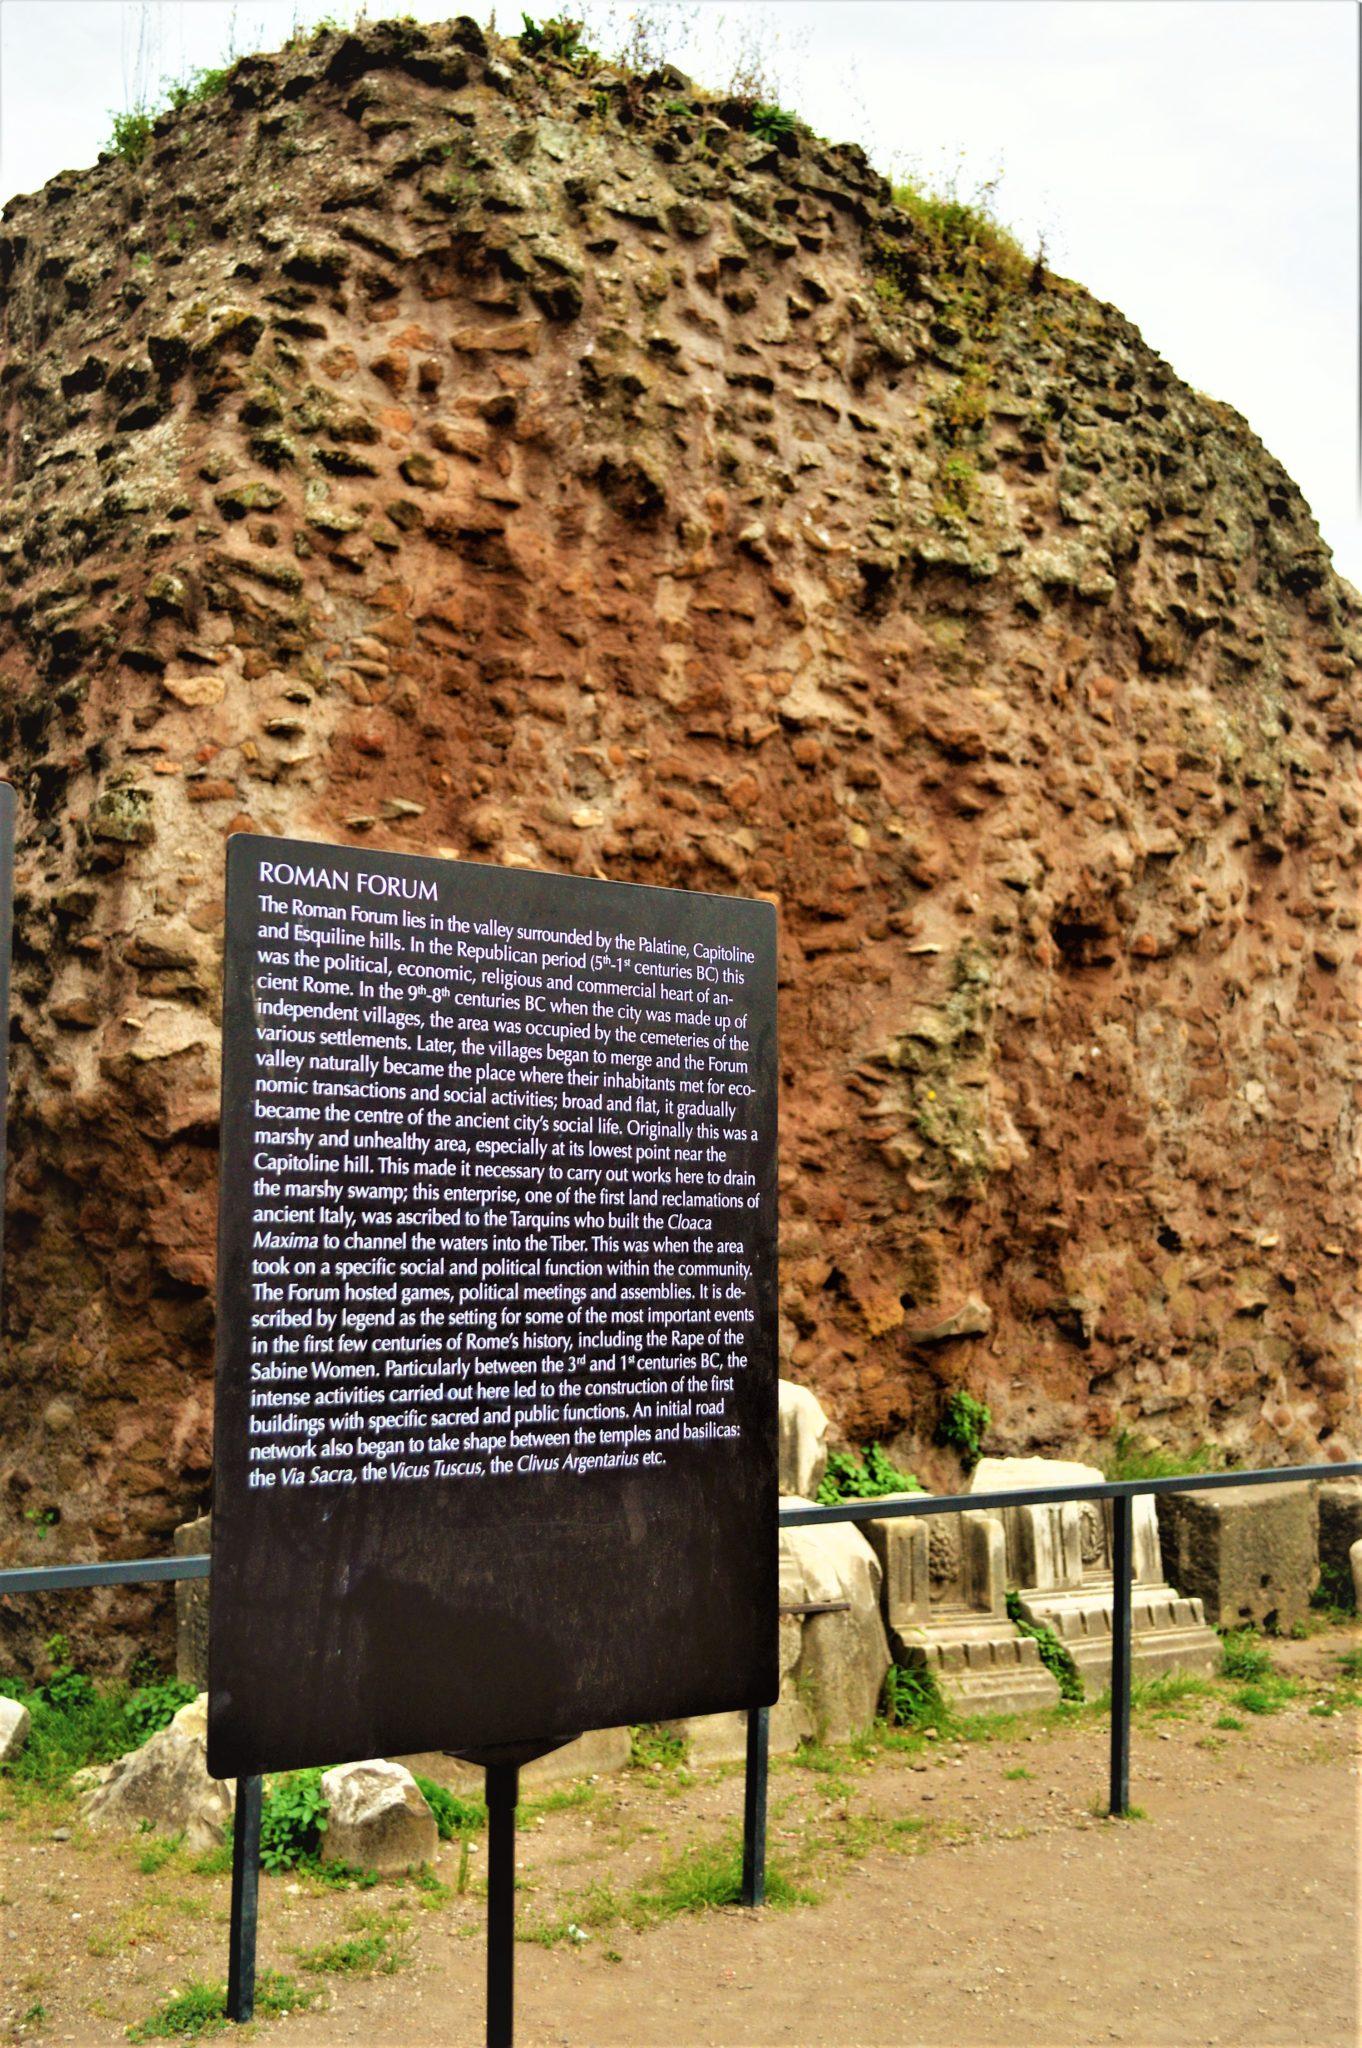 Roman Forum tours, Rome, Italy